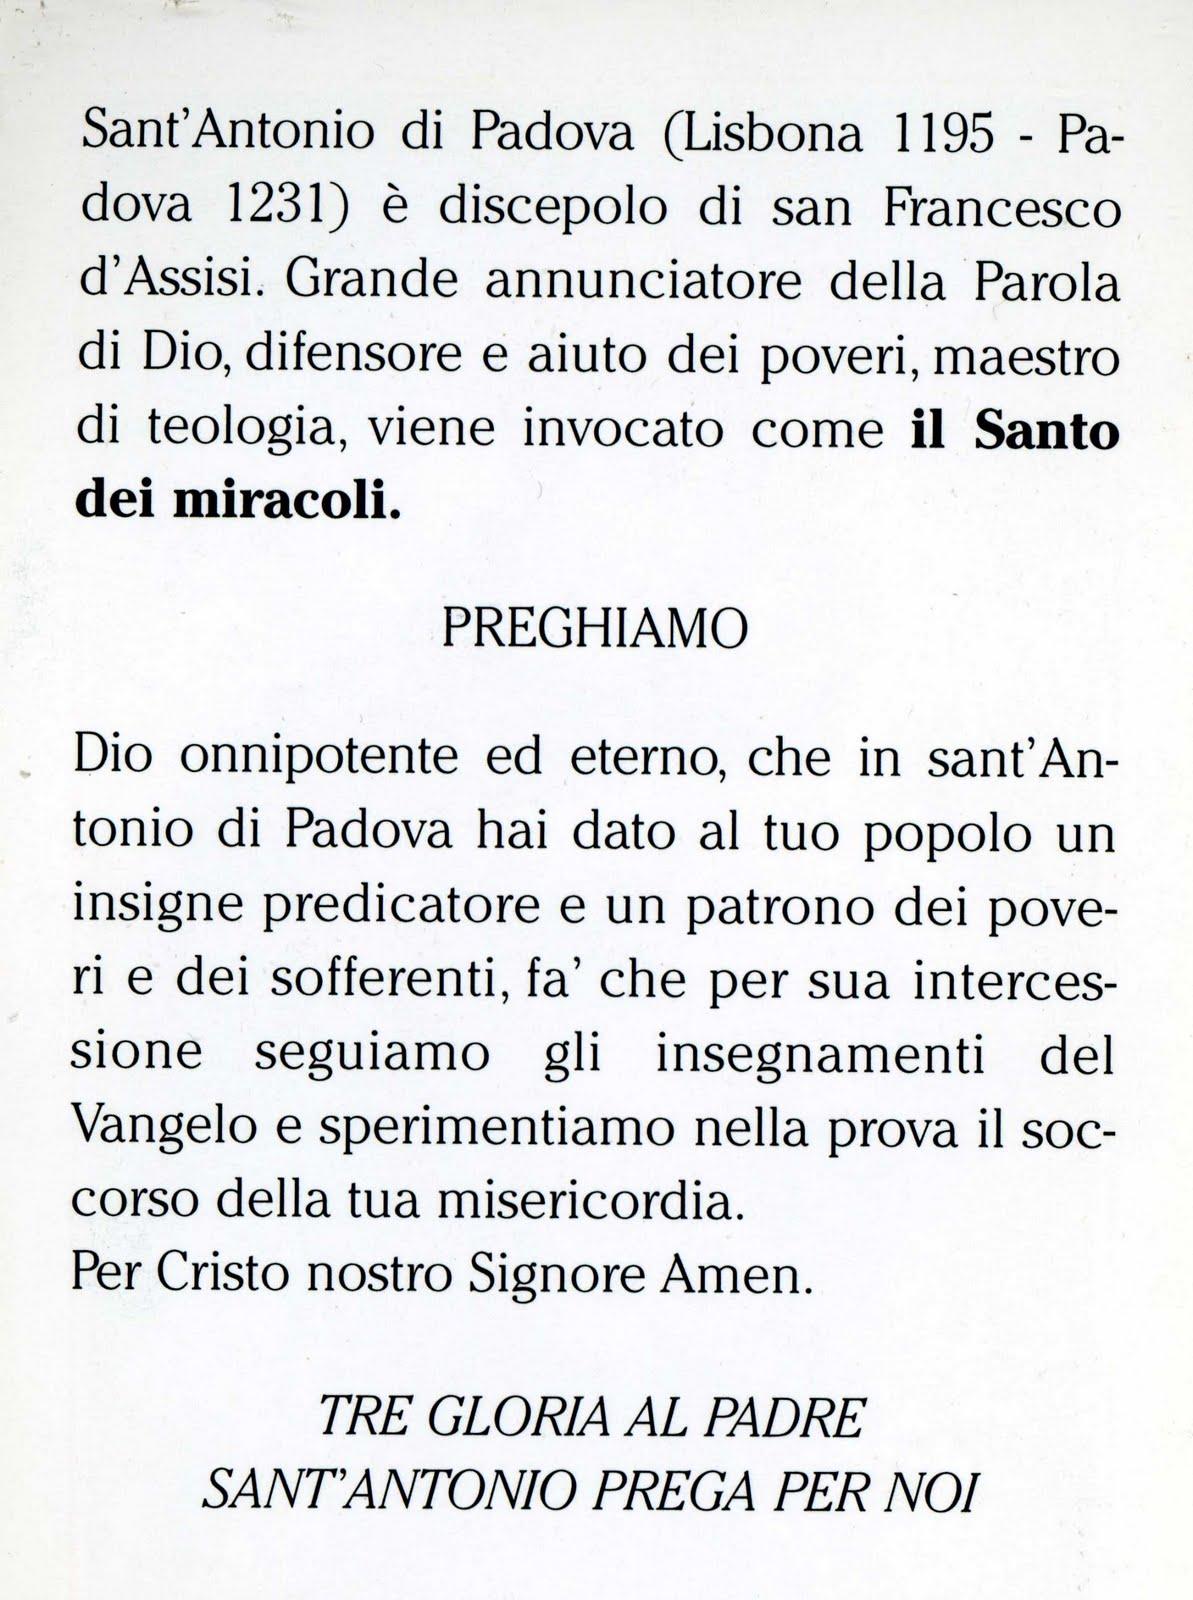 Frasi Sul Natale Di San Francesco.Frasi Sul Natale Di San Francesco